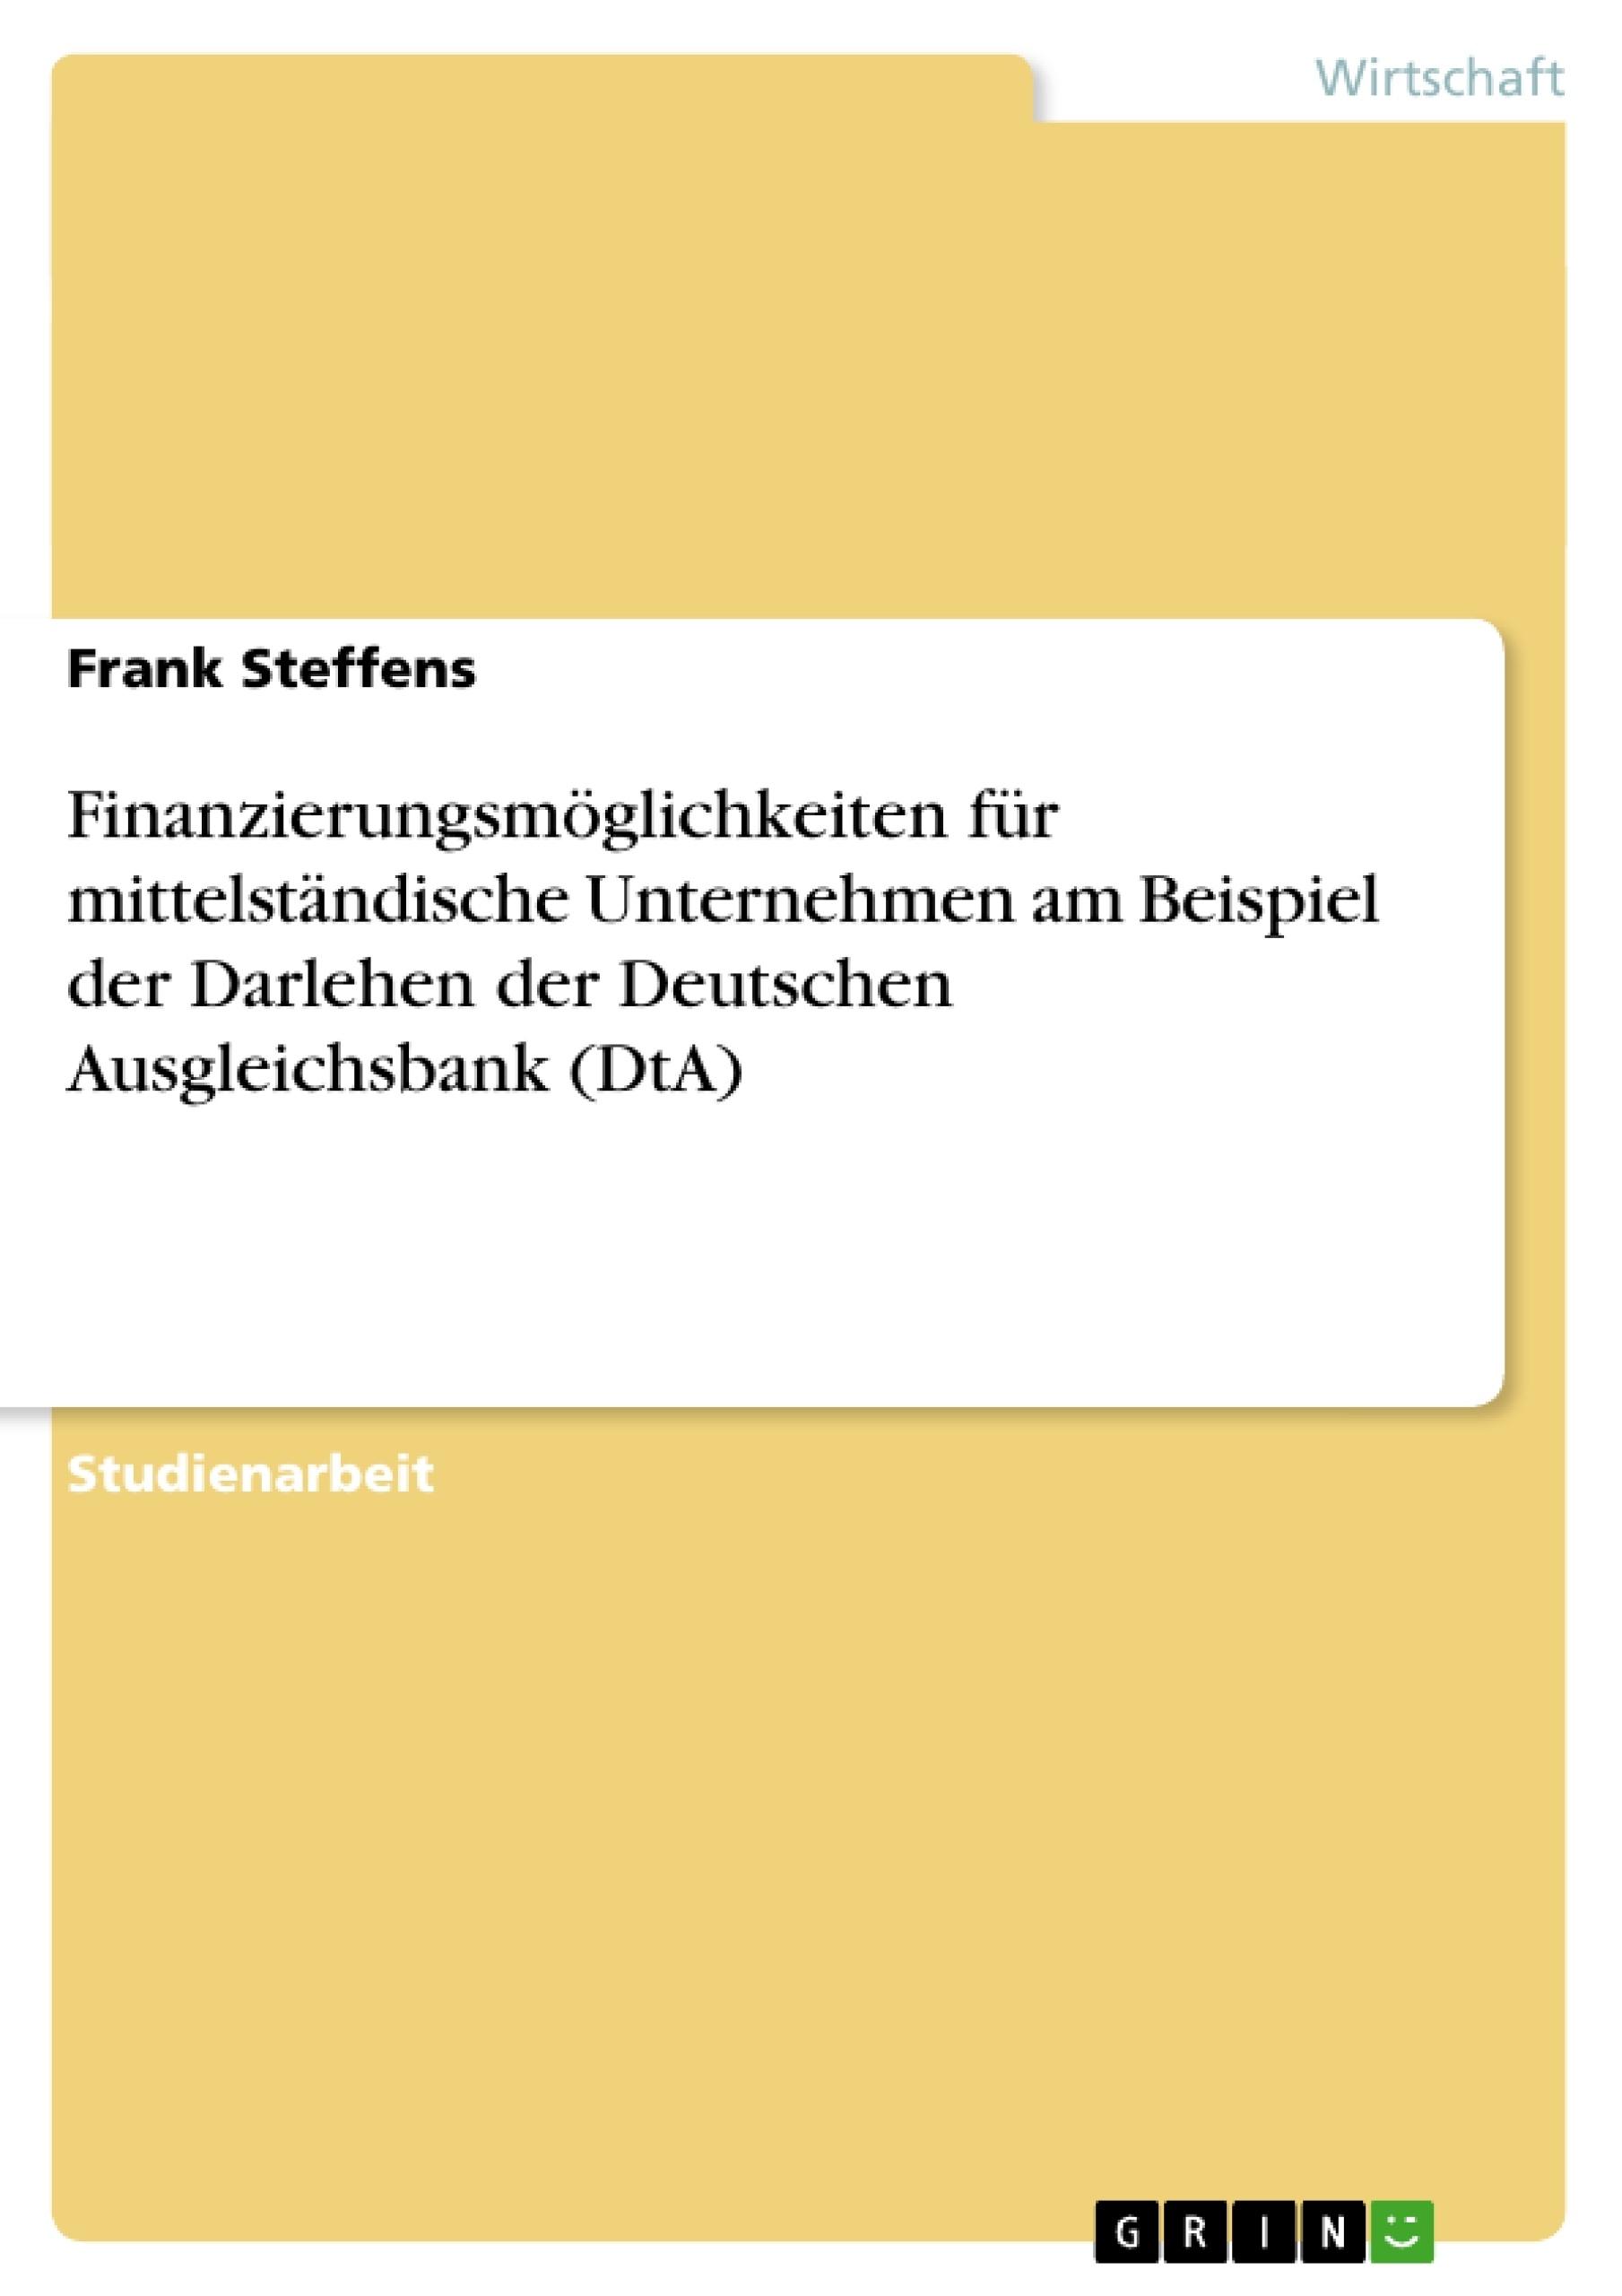 Titel: Finanzierungsmöglichkeiten für mittelständische Unternehmen am Beispiel der Darlehen der Deutschen Ausgleichsbank (DtA)